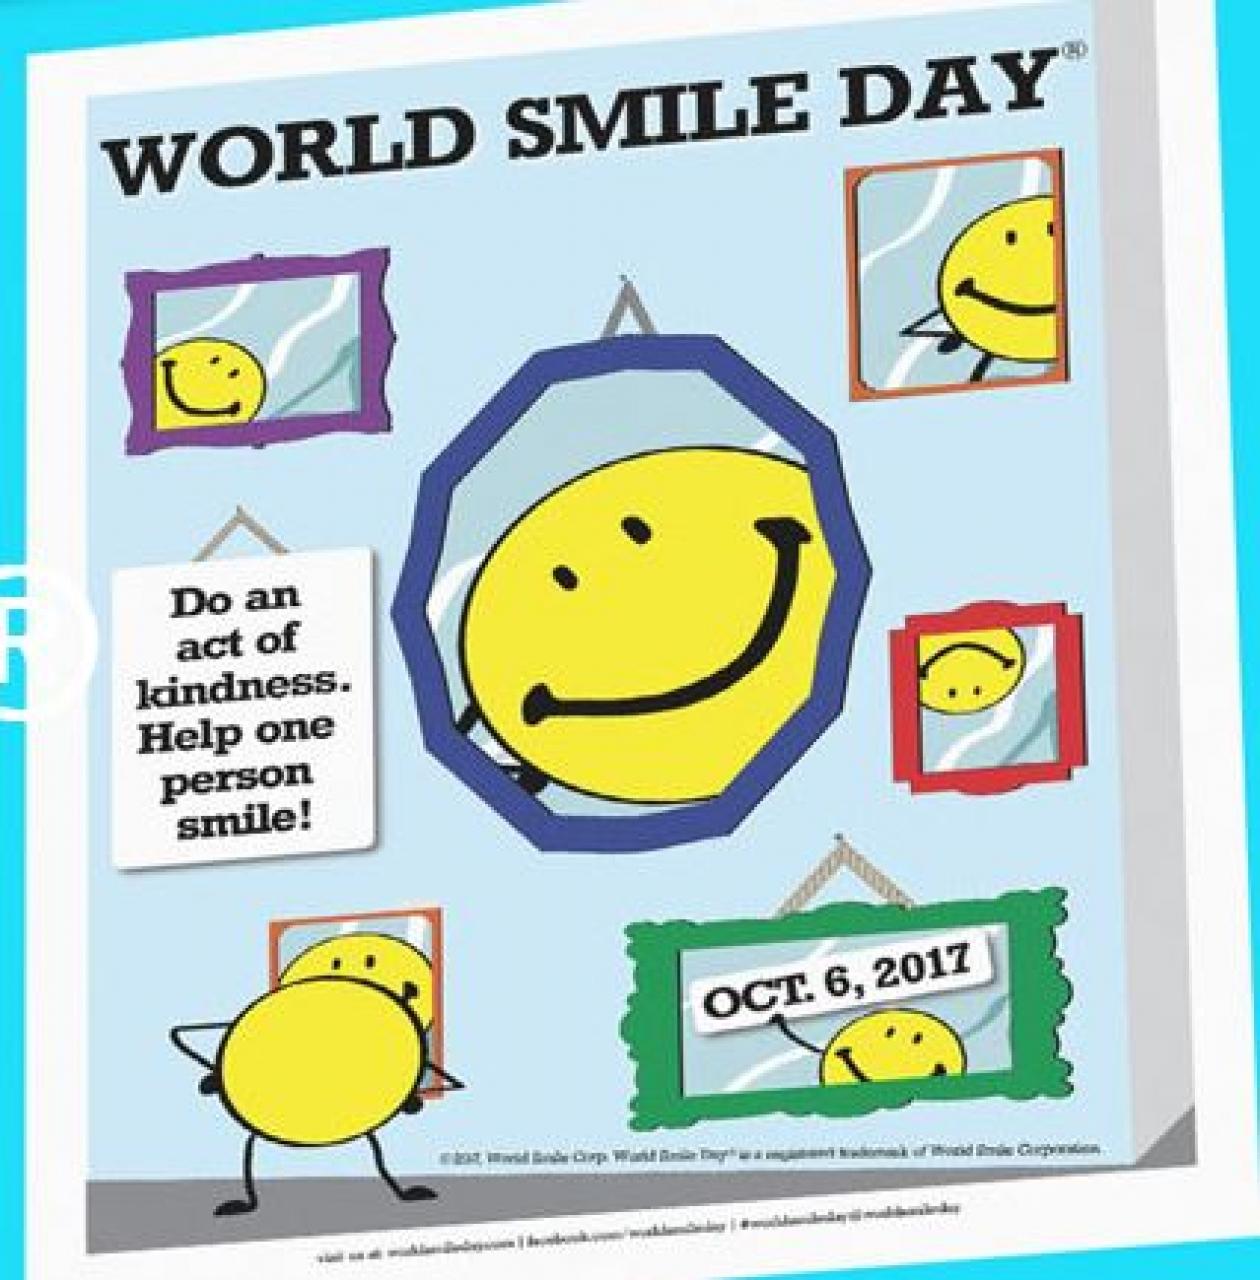 #WorldSmileDay